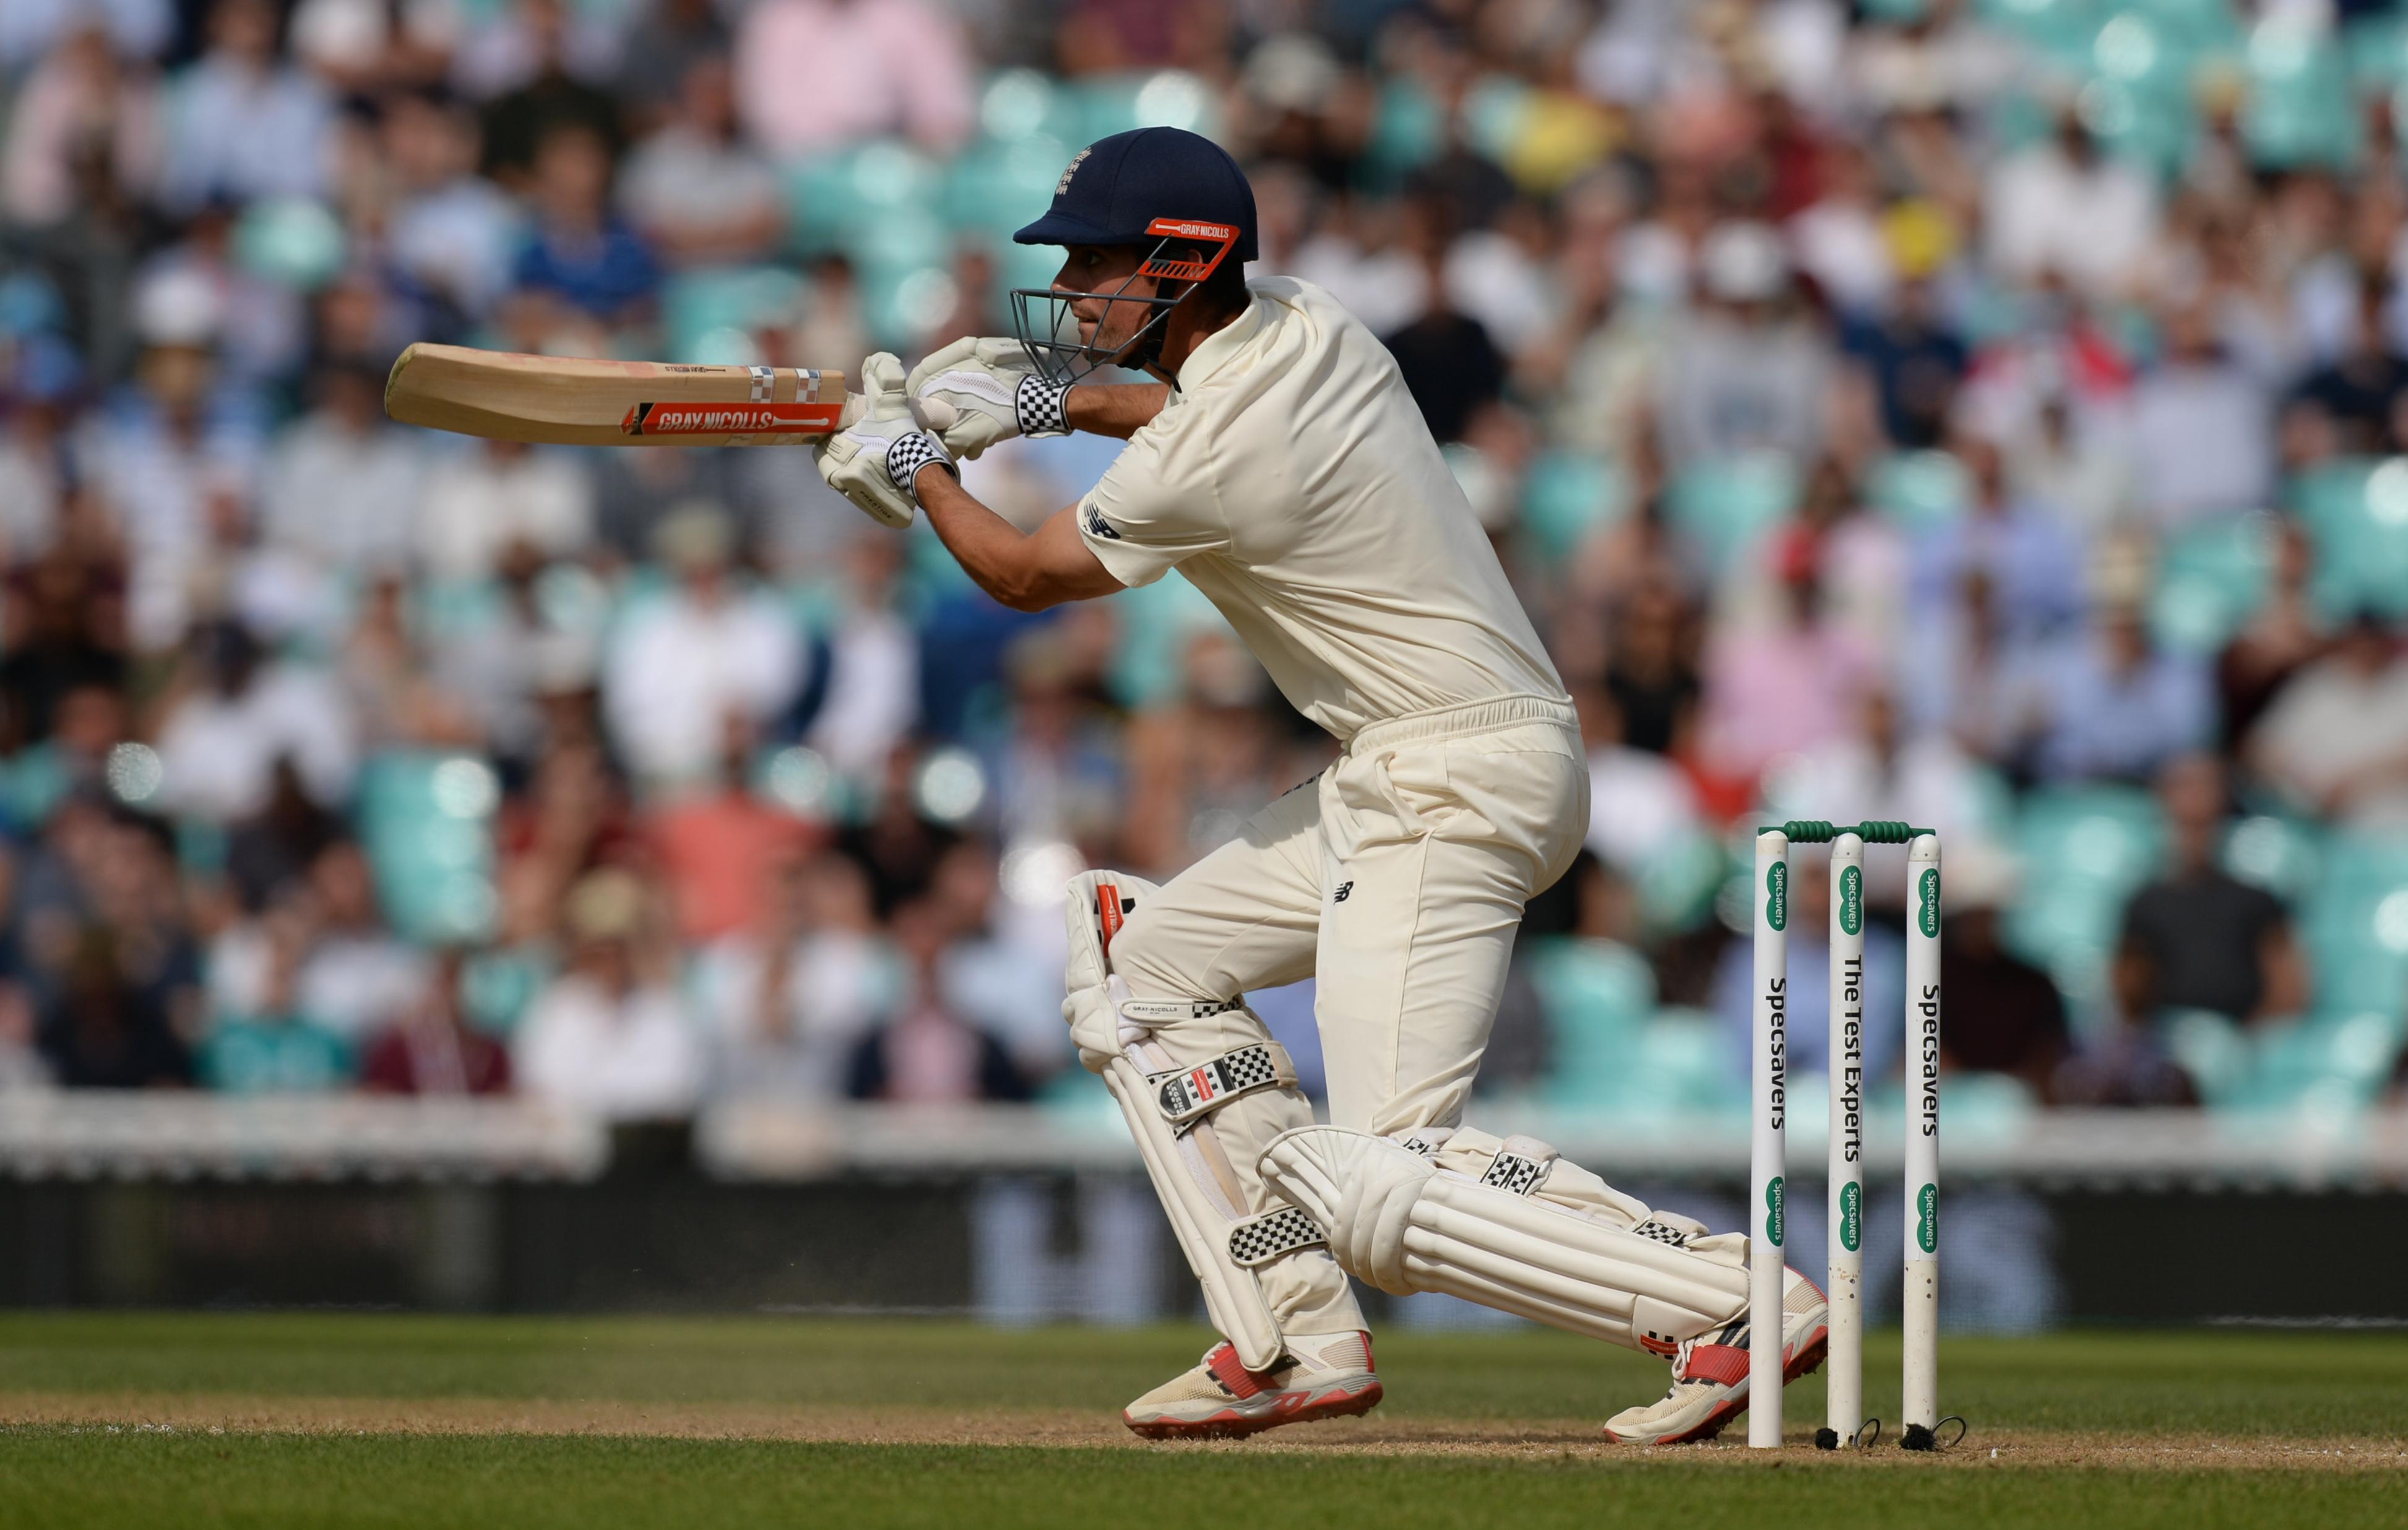 Cook also overtook Kumar Sangakkara to become the fifth-highest Test run scorer of all time